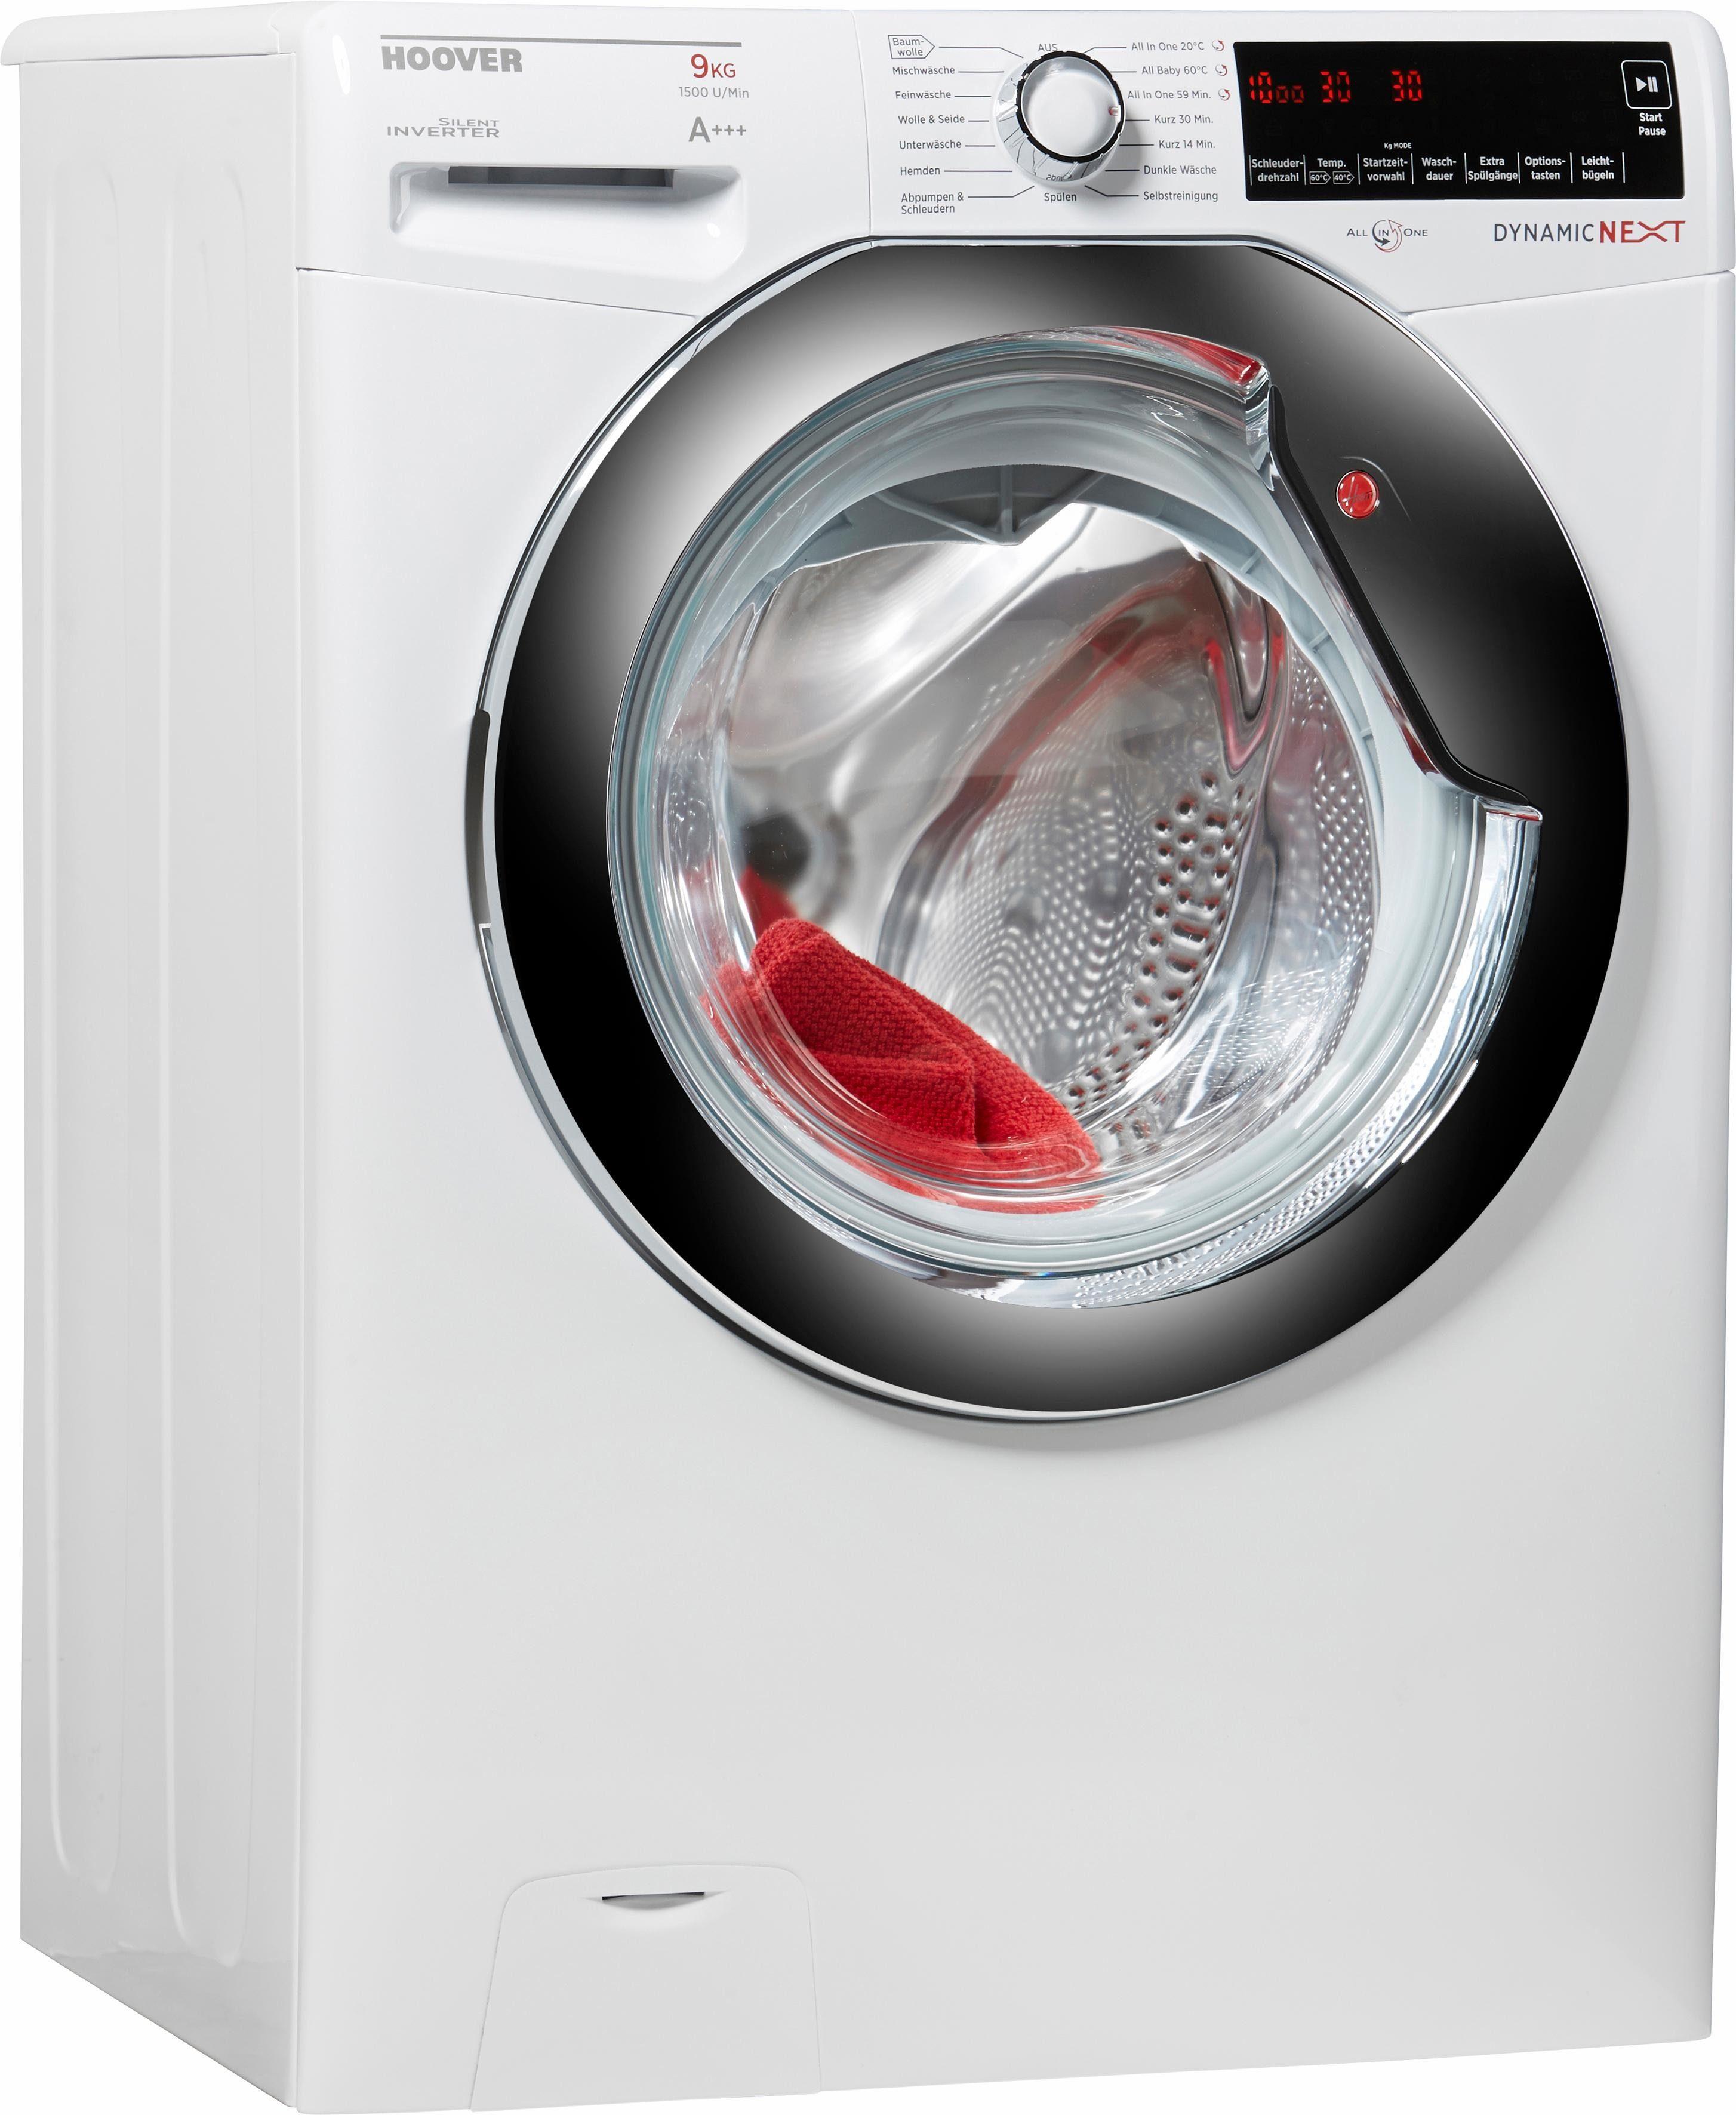 Hoover Waschmaschine DXA 59 AH, A+++, 9 kg, 1500 U/Min